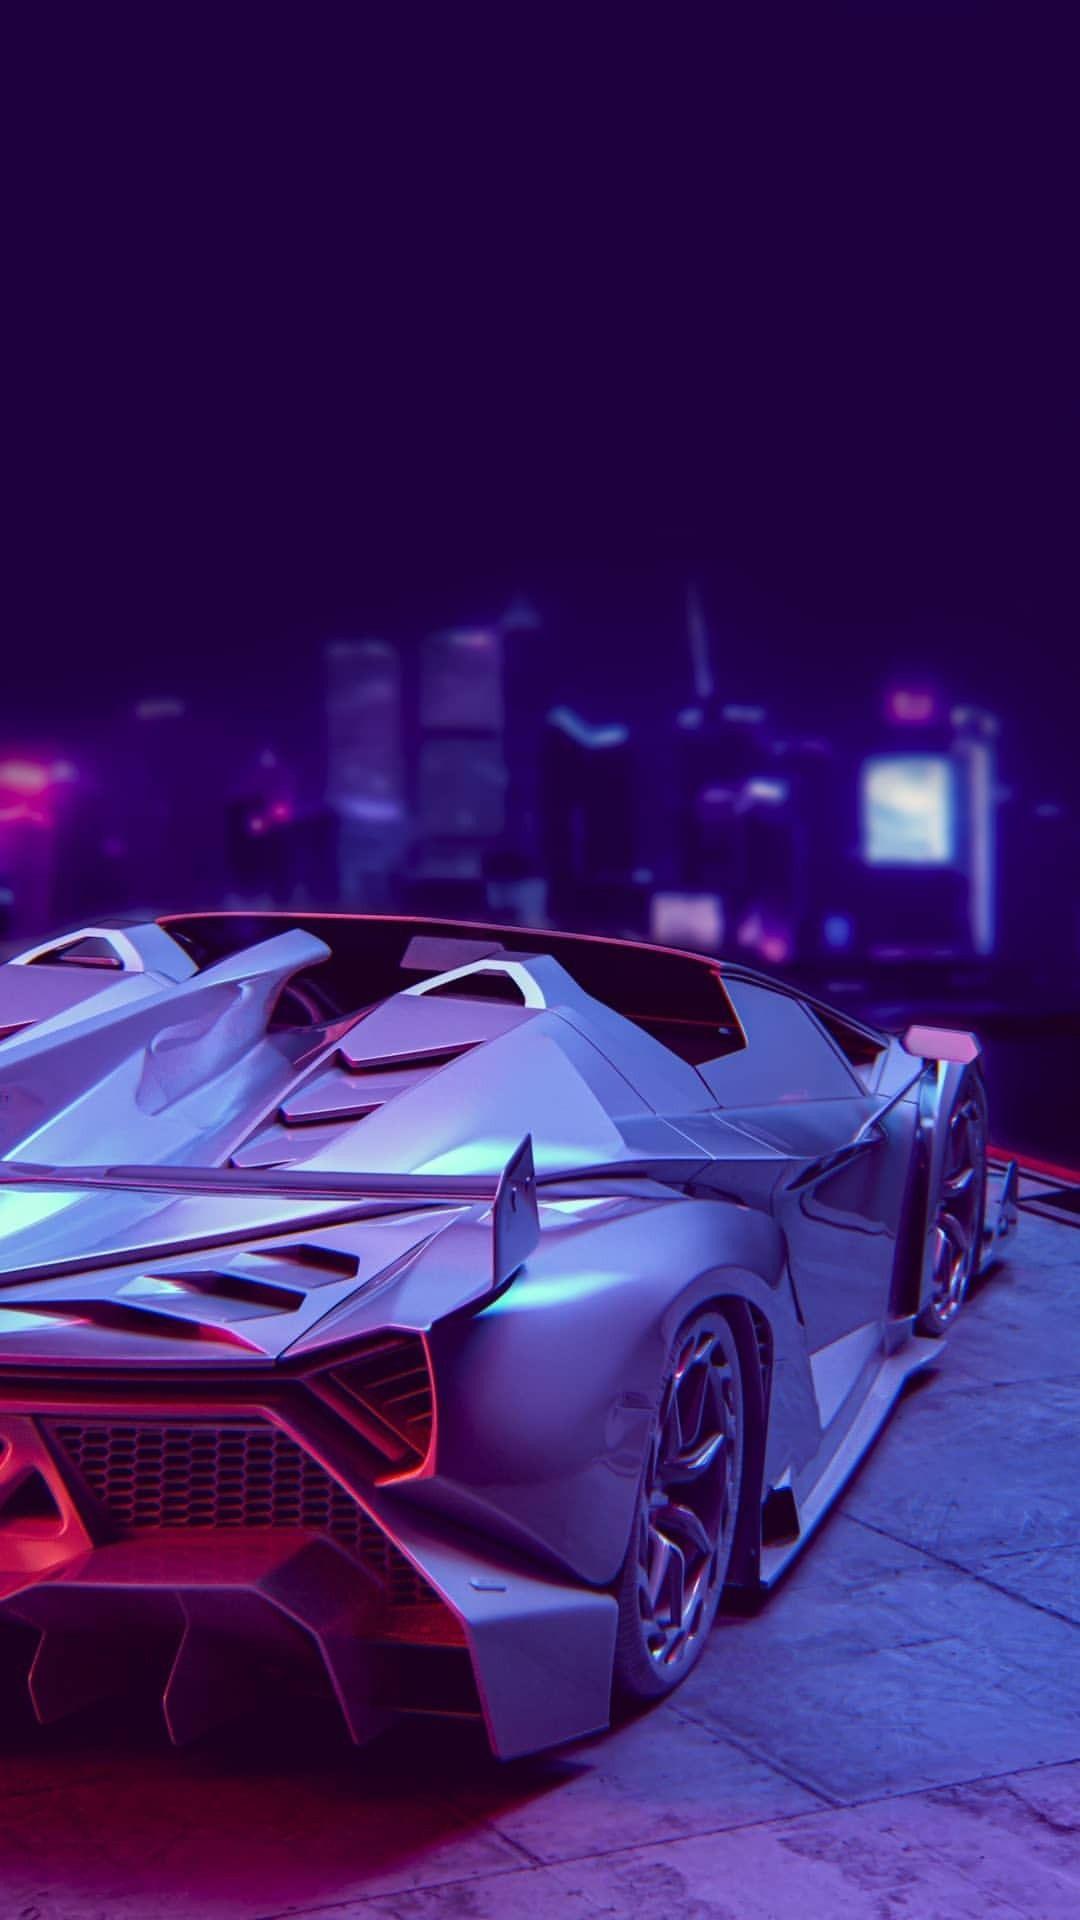 Wallpaper Bugatti Wallpapers Futuristic Cars Futuristic Cars Lamborghini